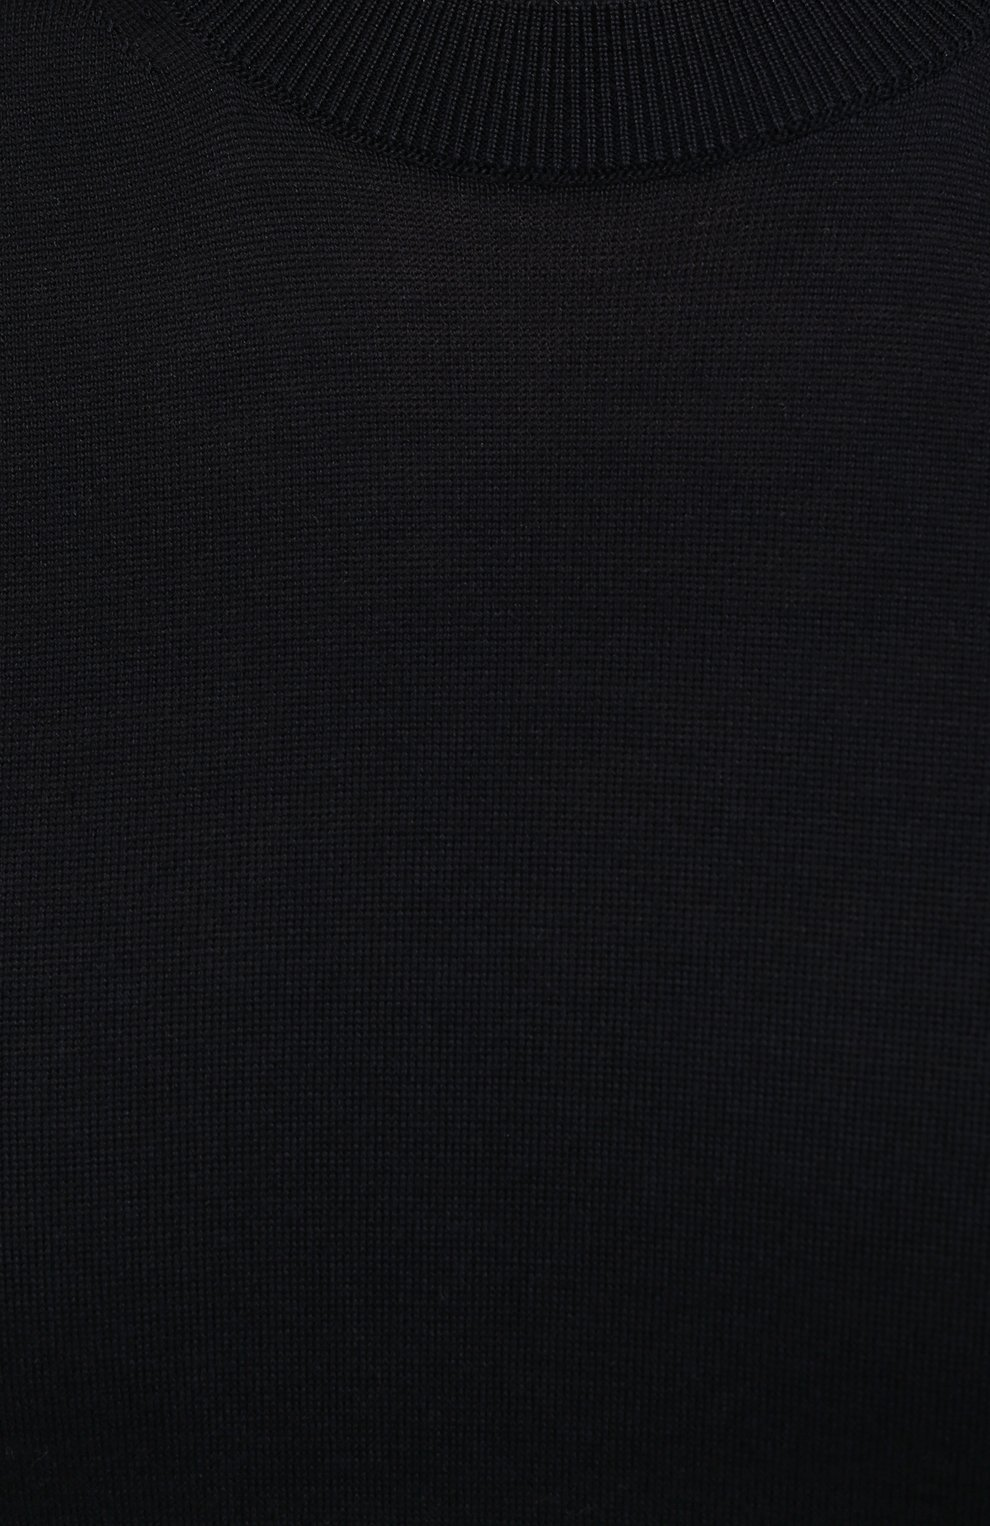 Мужской джемпер из шелка и хлопка TOM FORD темно-синего цвета, арт. BWT92/TFKC10   Фото 5 (Мужское Кросс-КТ: Джемперы; Материал внешний: Шелк, Хлопок; Принт: Без принта; Рукава: Короткие; Длина (для топов): Стандартные; Стили: Классический; Вырез: Круглый)